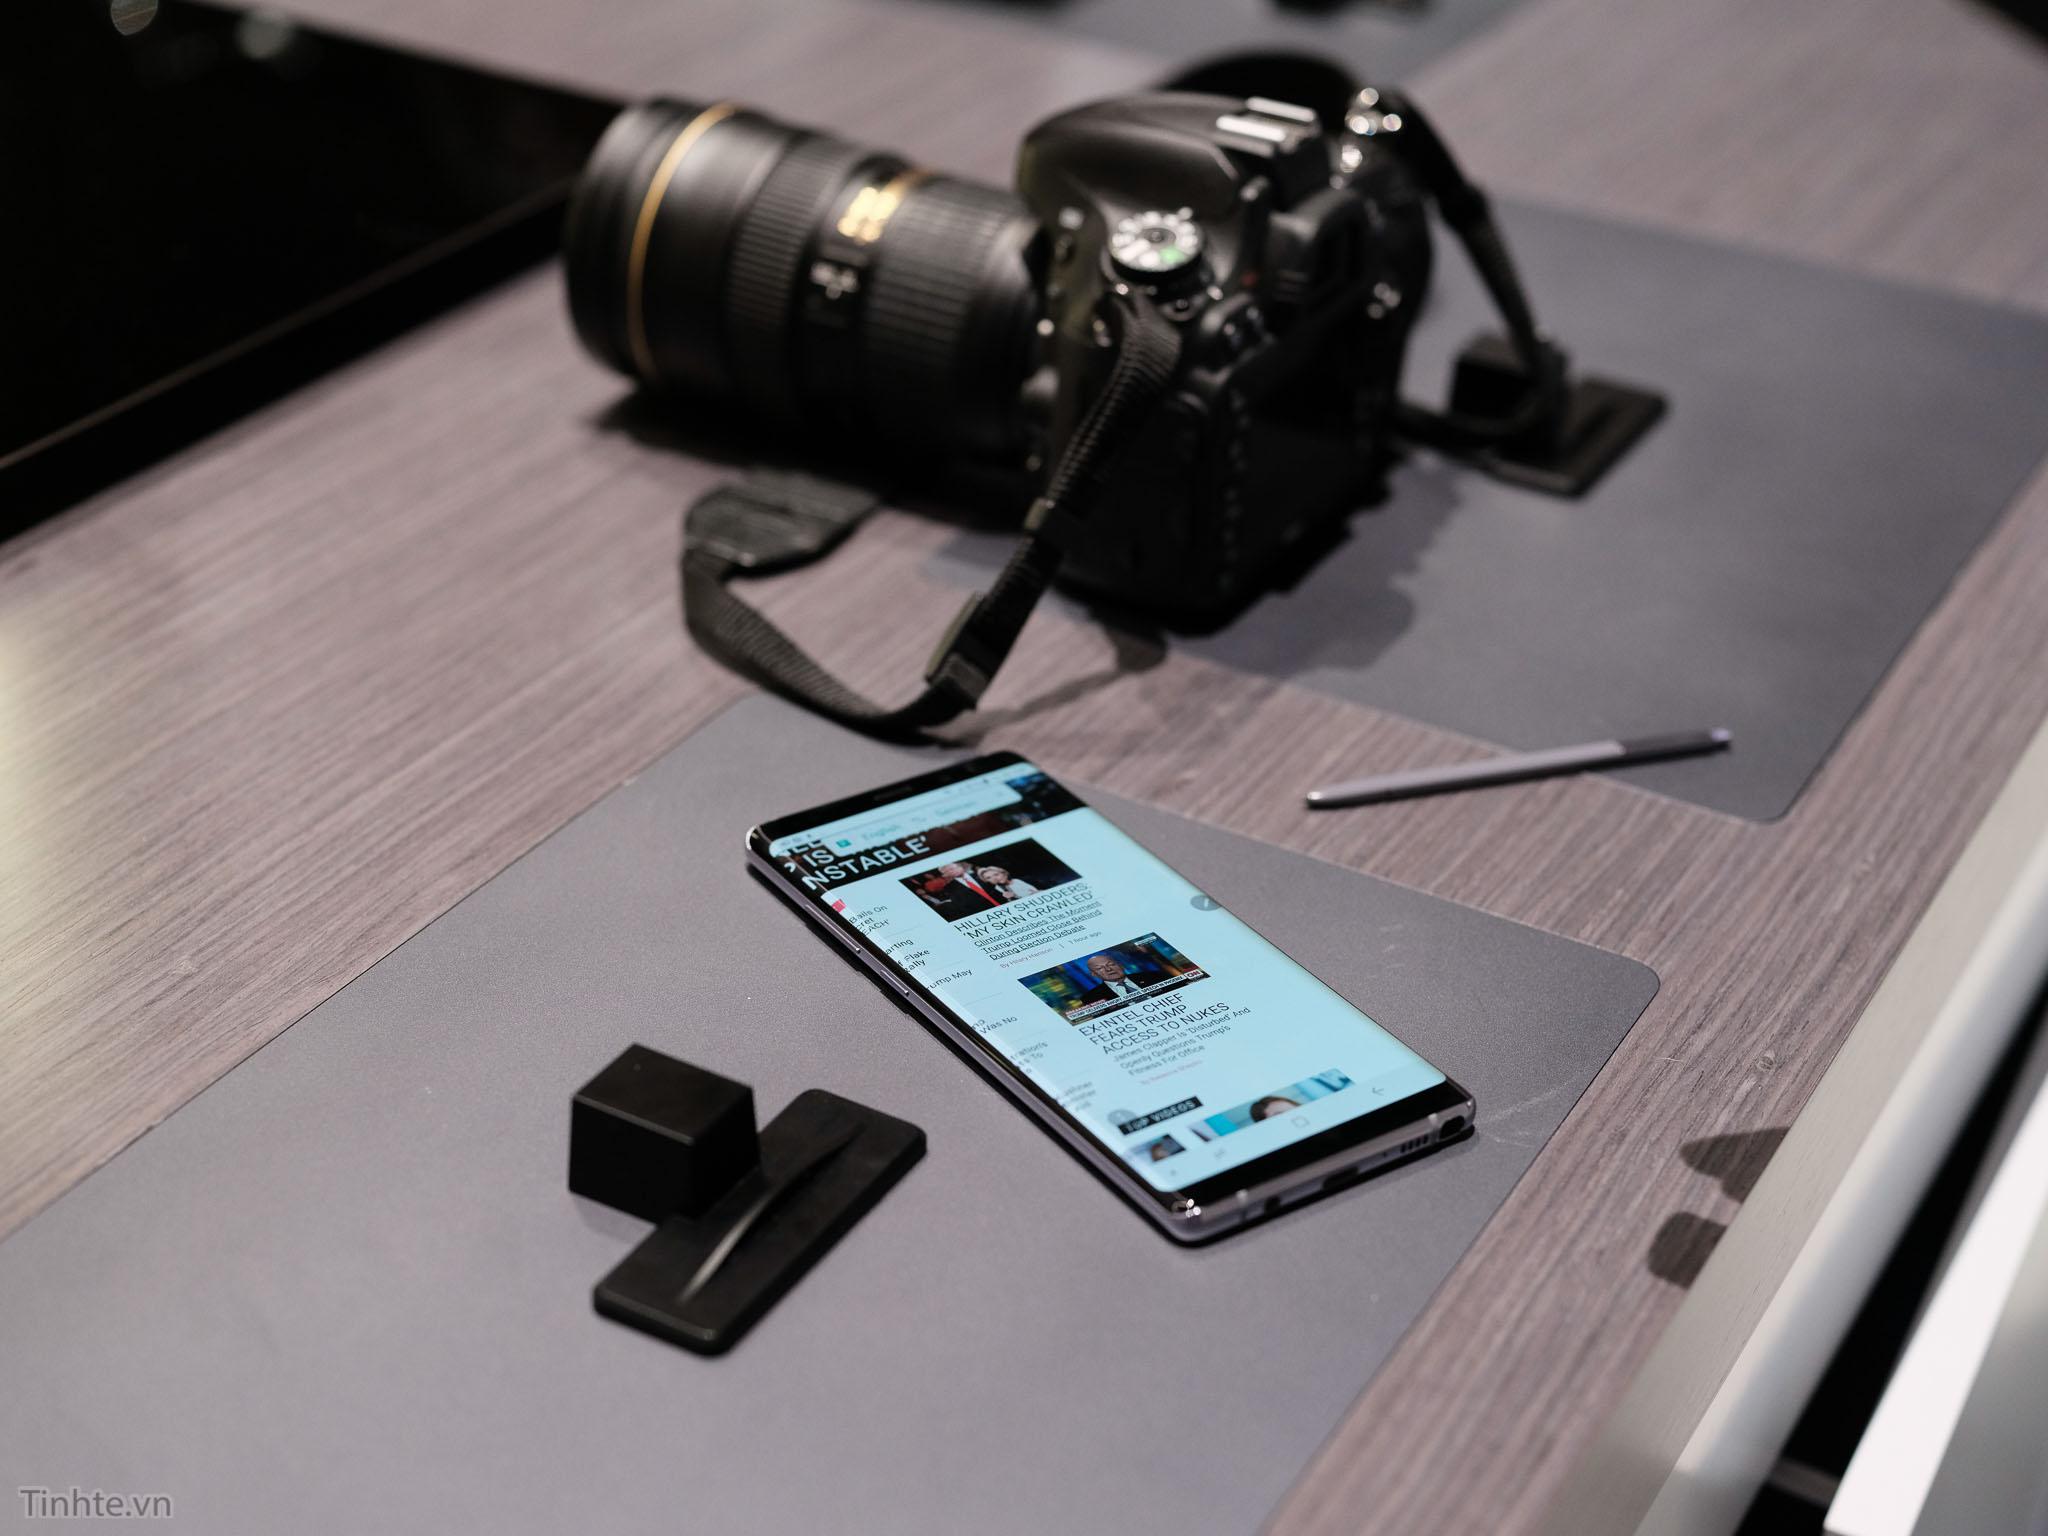 Samsung_Galaxy_Note_8_tinhte.vn-14.jpg